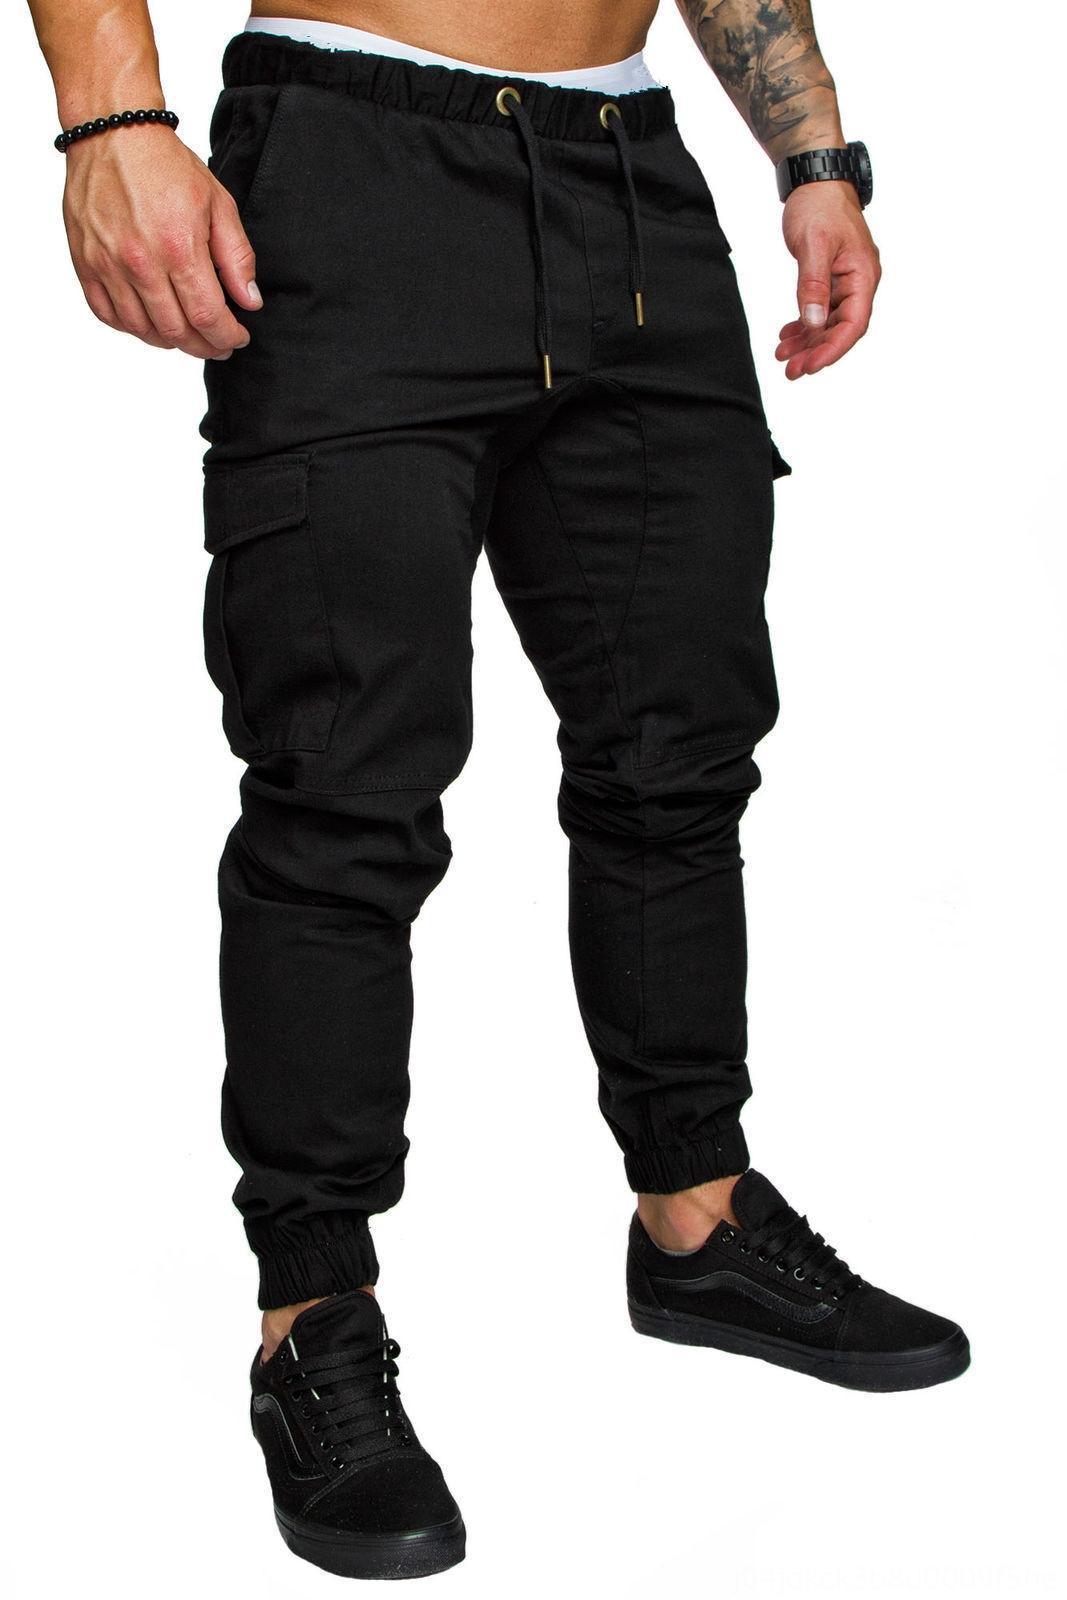 MRMT 2019 Yepyeni Erkek Pantolonları Erkek Katı Renk Pantolon için Casual Erkek Erkek Giyim Moda Elastik Pantolon Urgan Pantolon